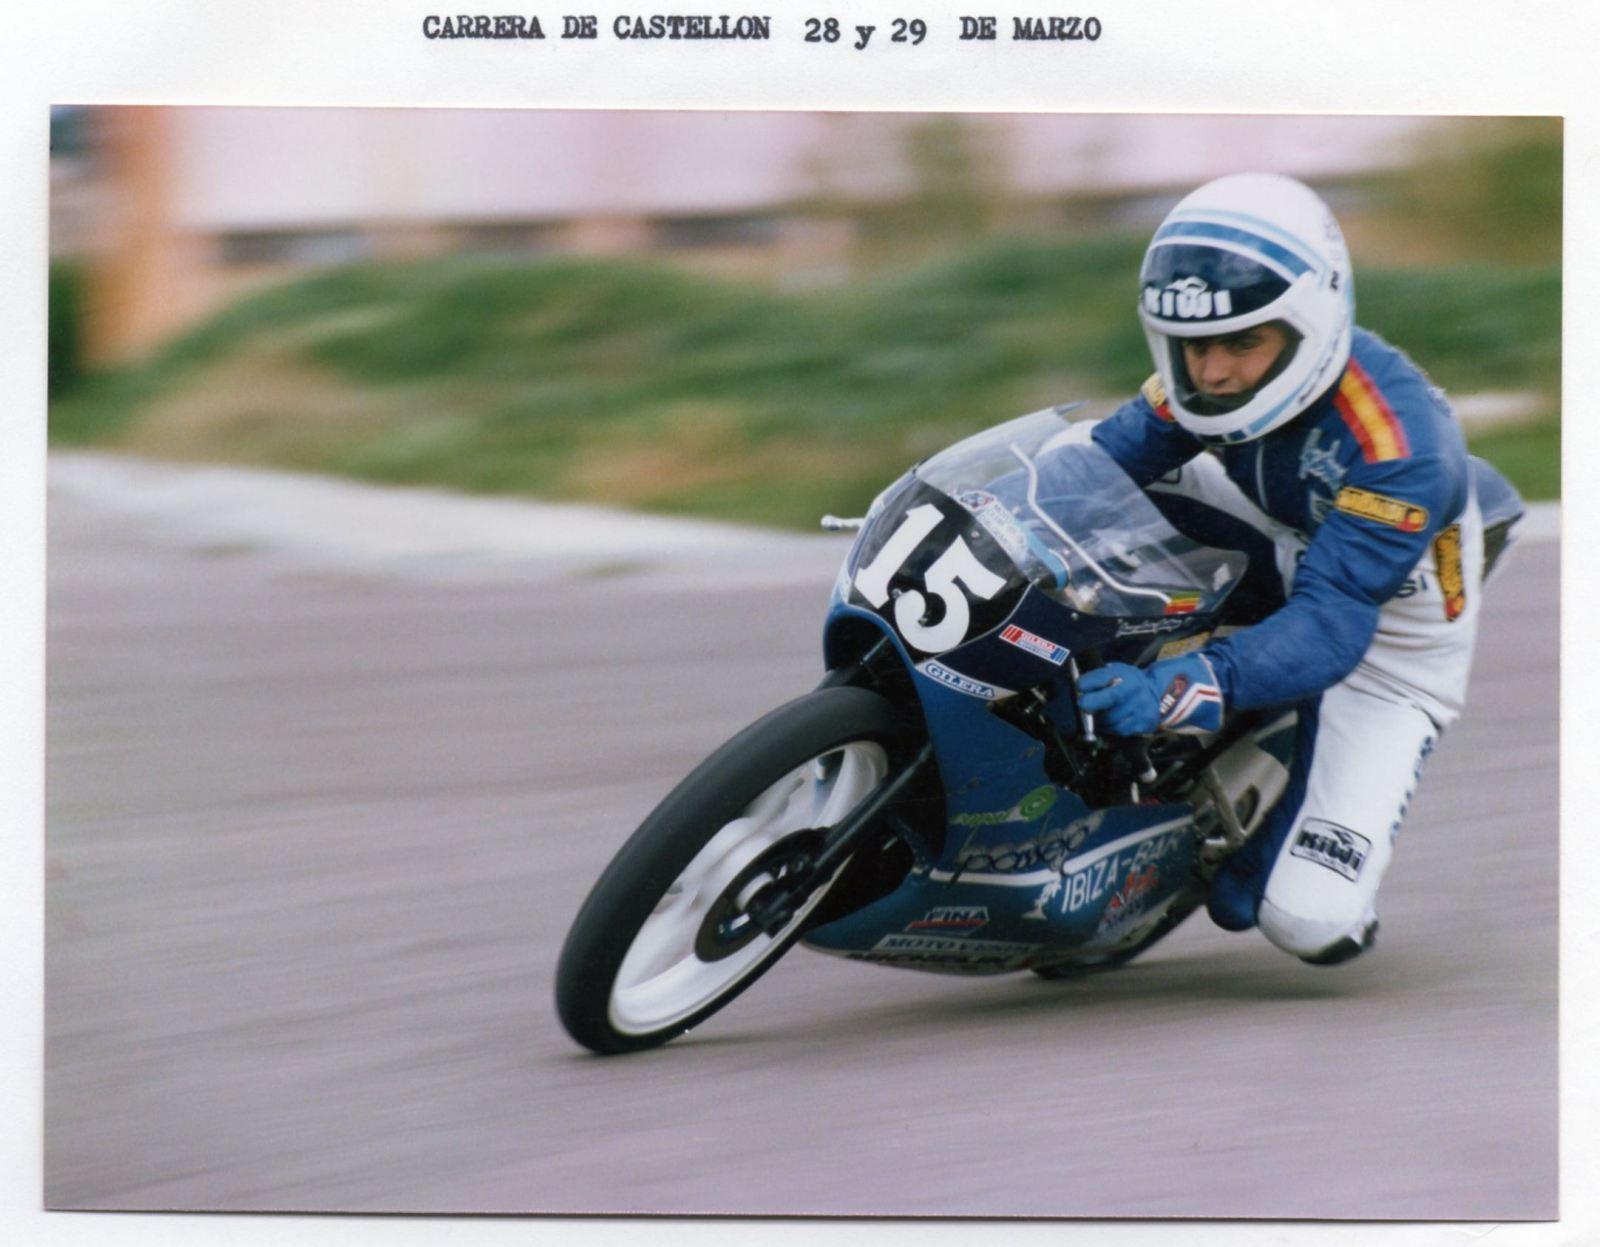 Antiguos pilotos: José Luis Gallego (V) 2qta8tv